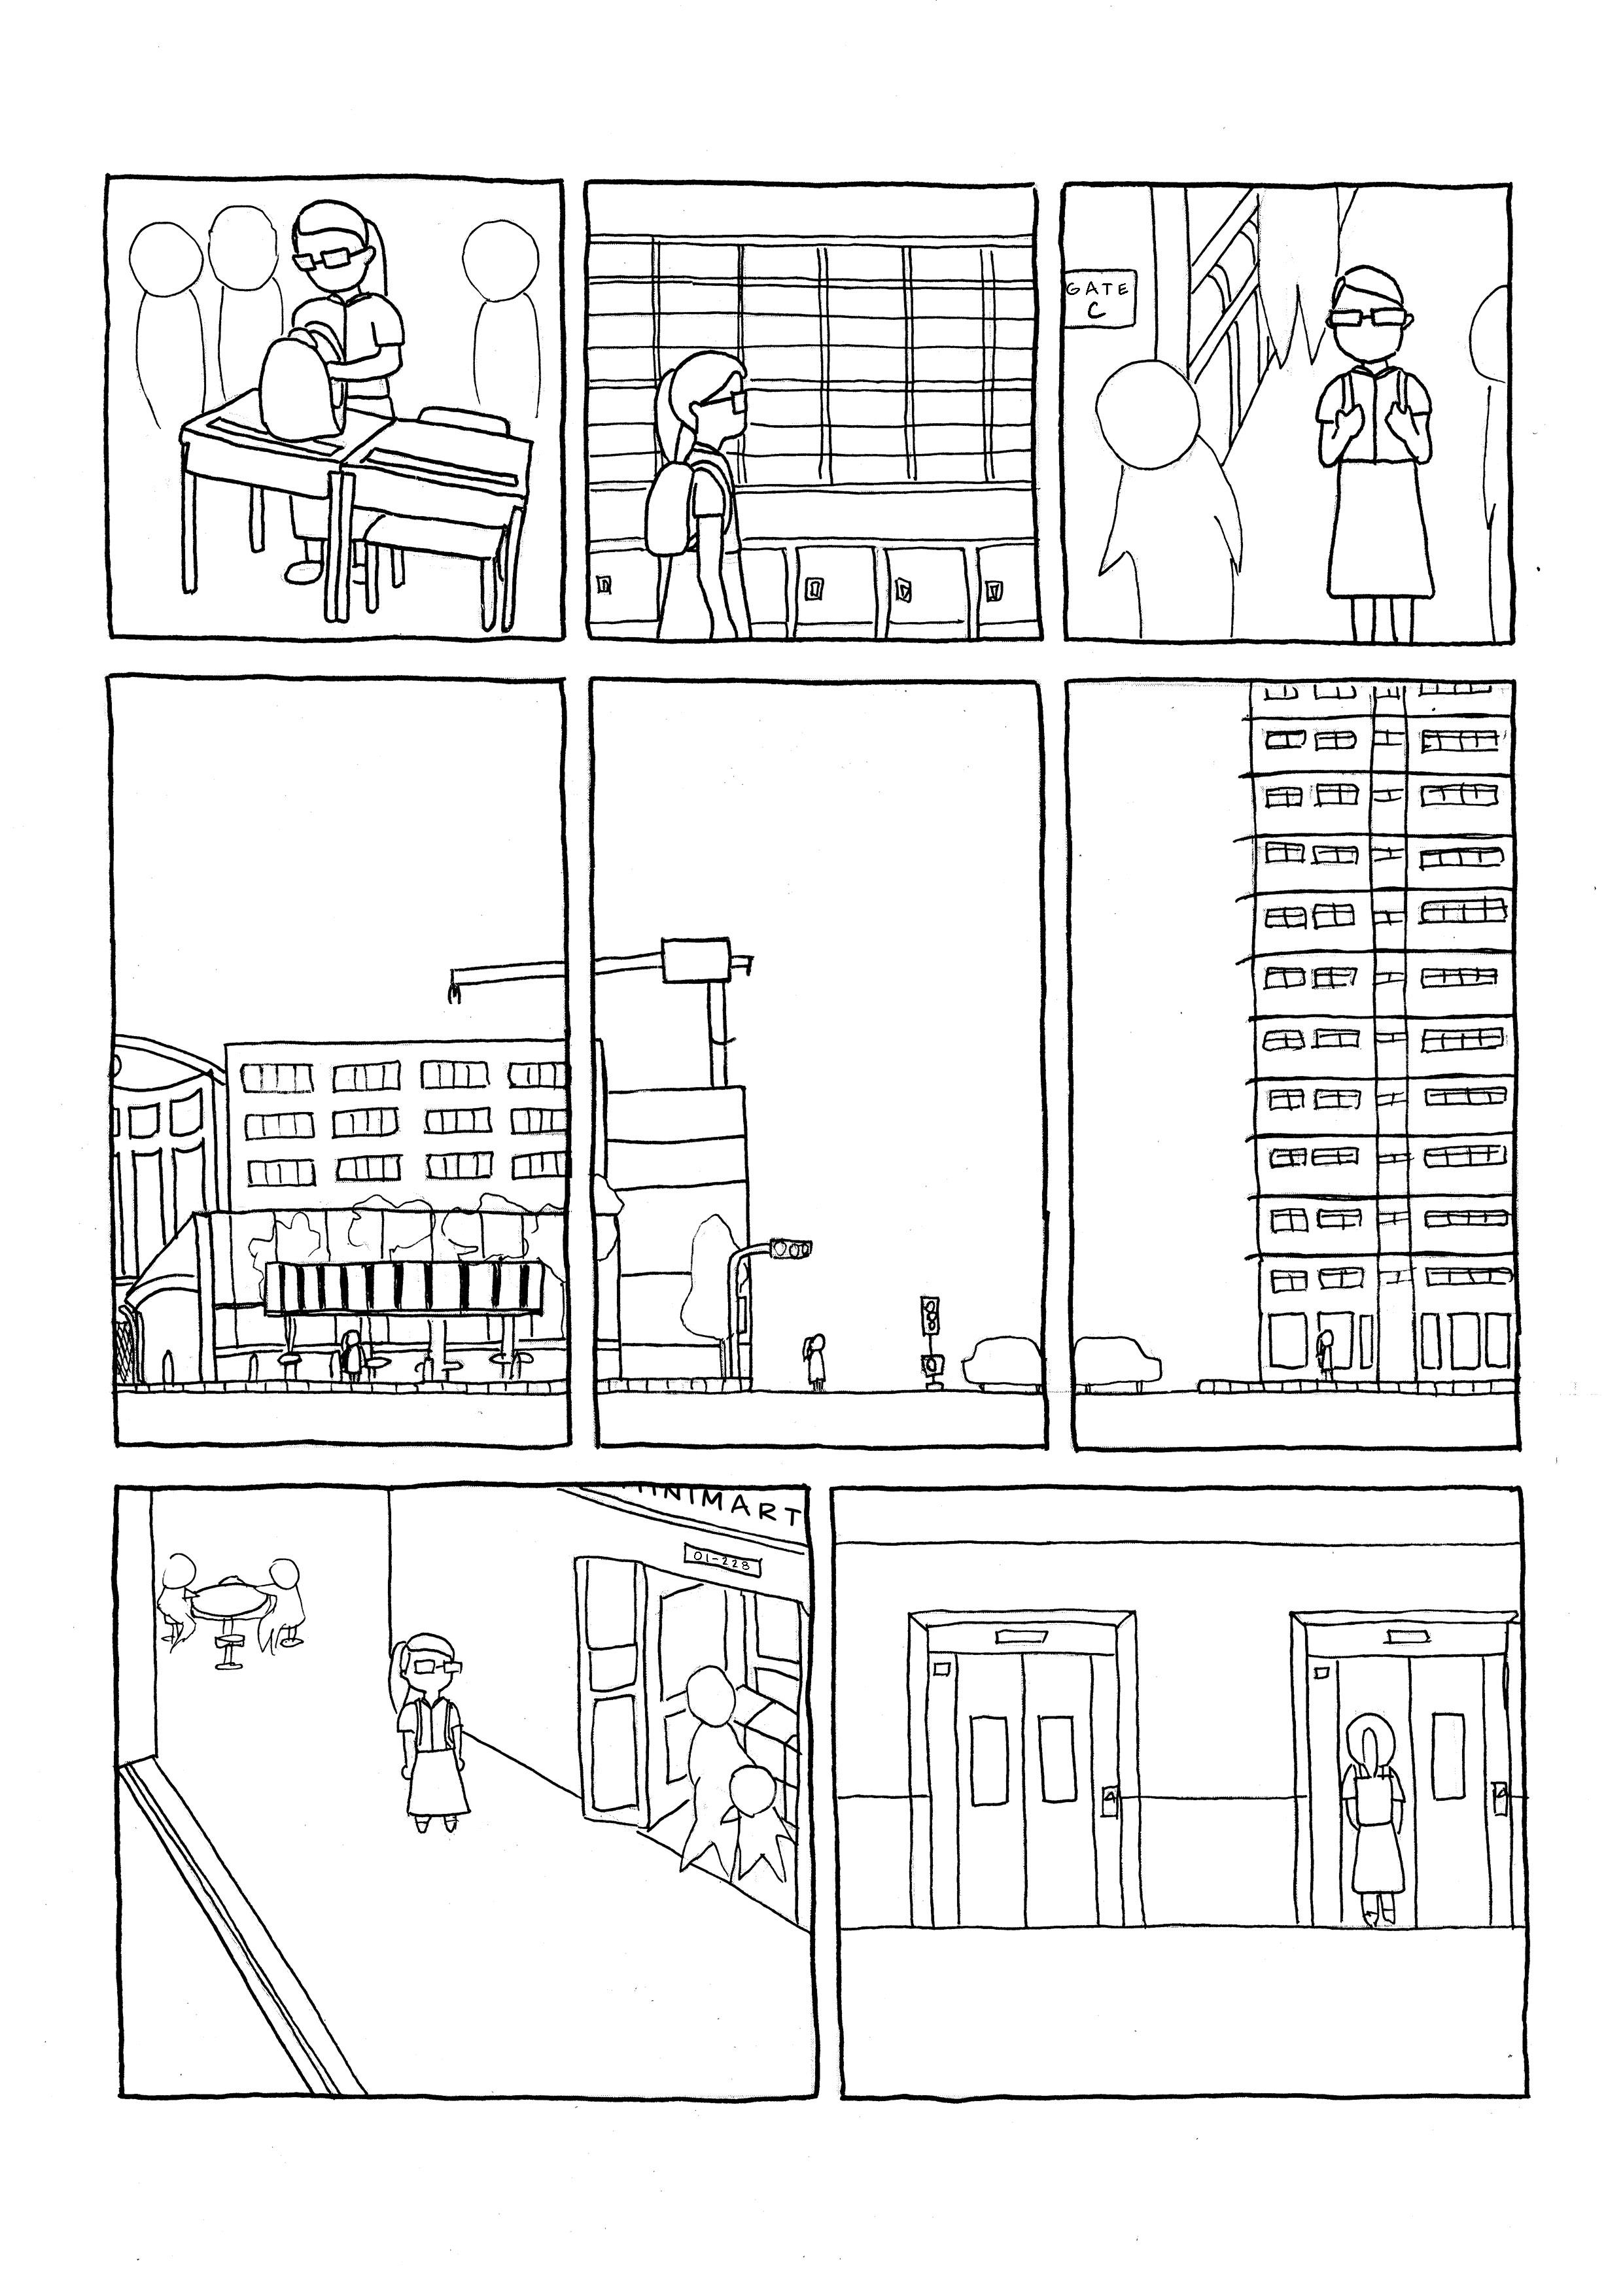 Dionne_Week 4 Comic Scans_Page_1.jpg